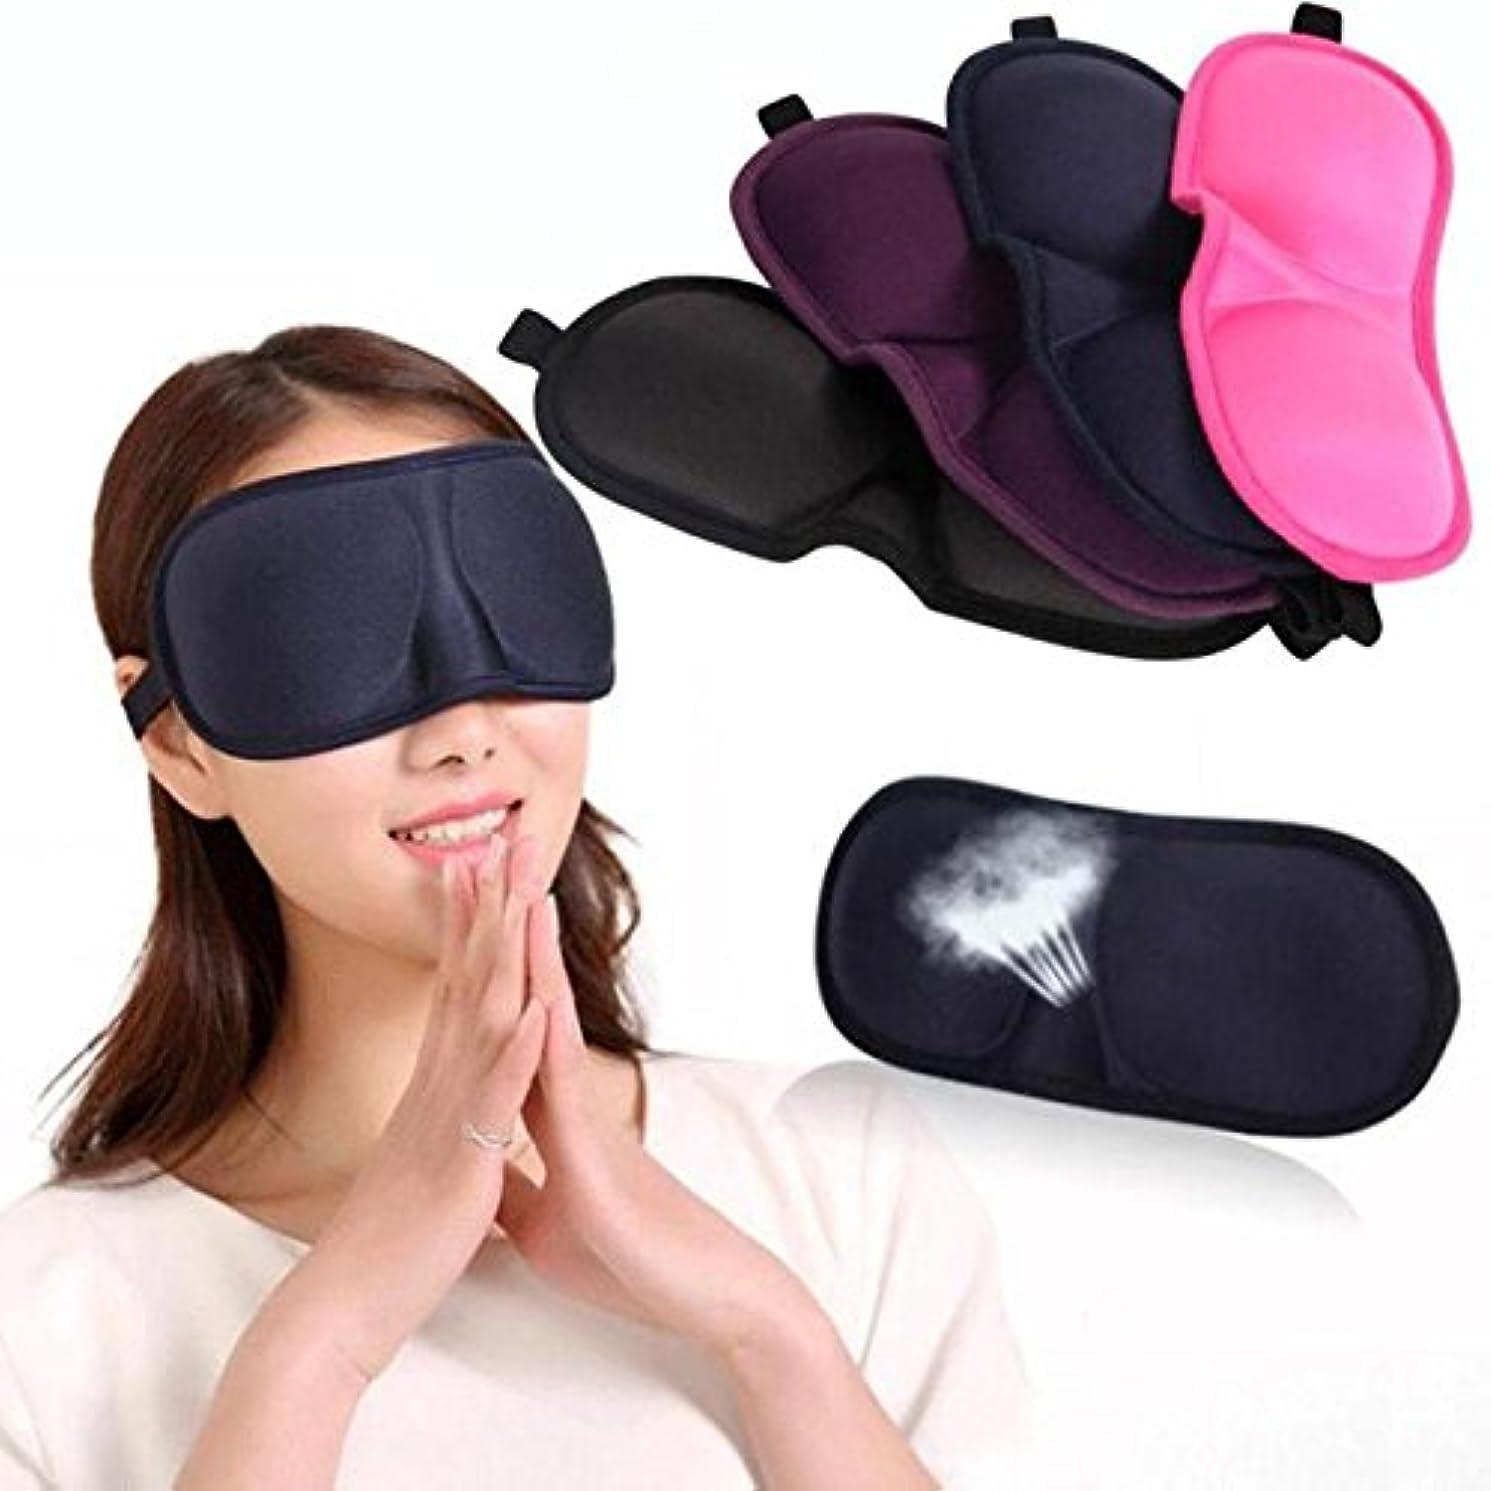 目立つ調べる複製ノート旅行睡眠アイマスクコットンゴーグルアイパッチカバー睡眠休息軽減疲労携帯目隠しL4